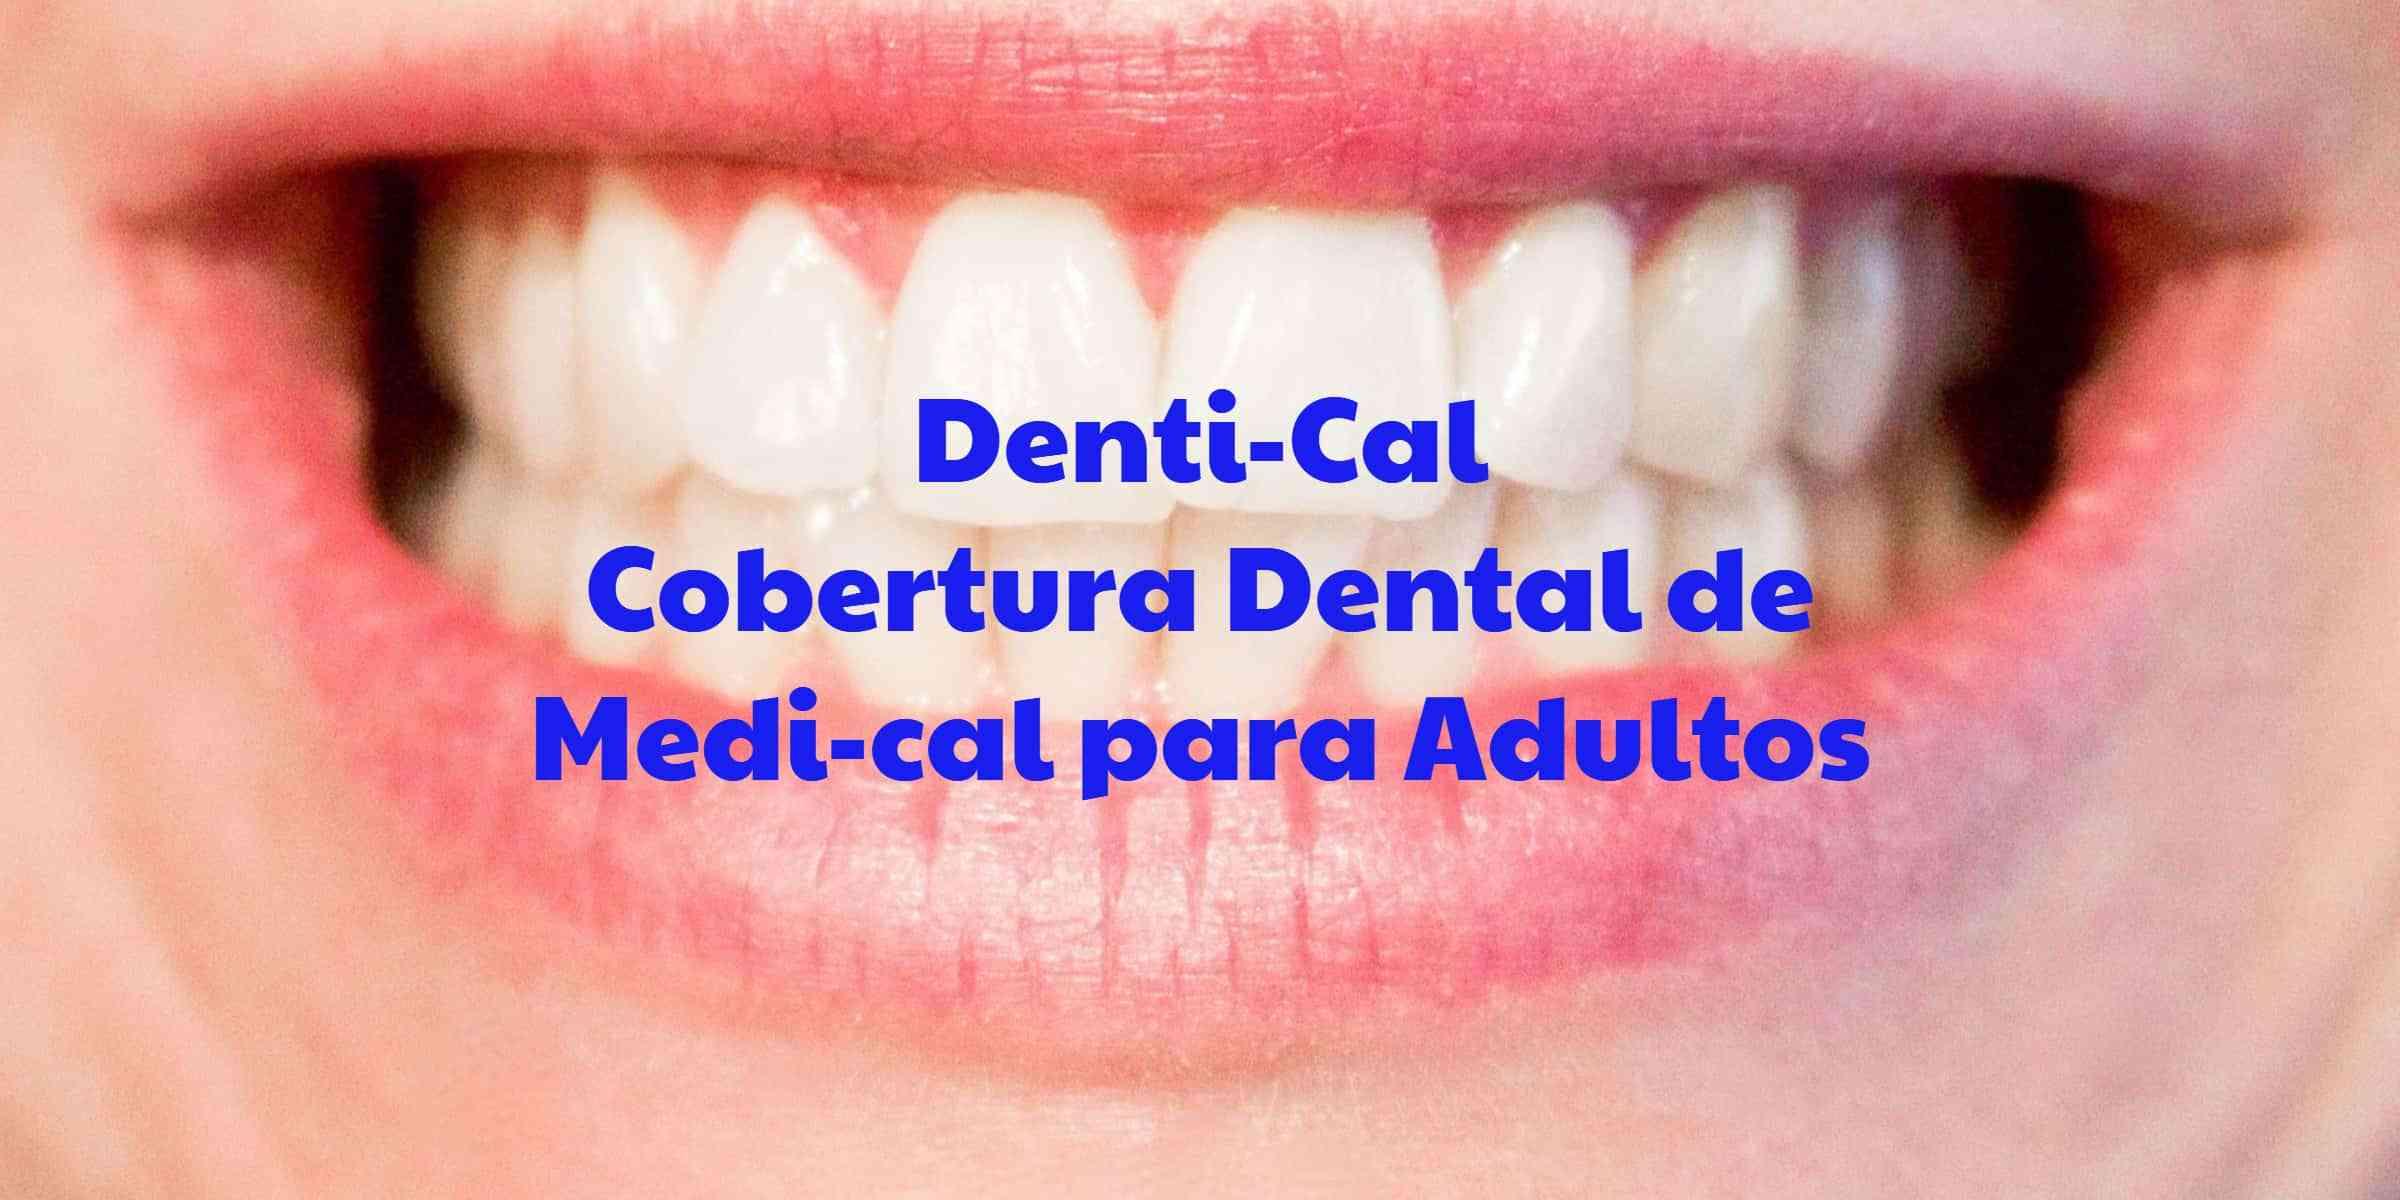 Denti-Cal el Seguro Dental de Medi-Cal